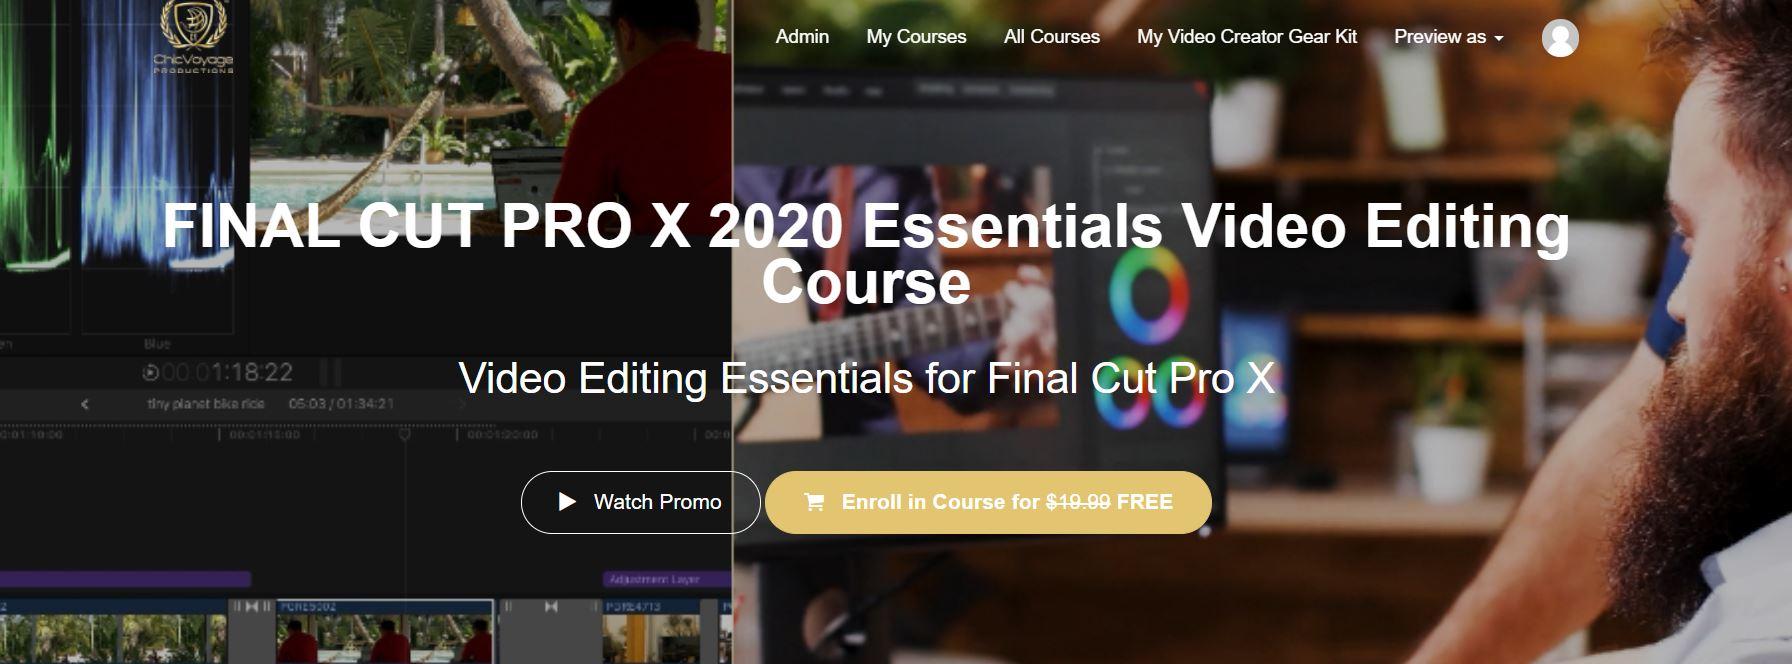 final cut pro x course premiere pro bundle